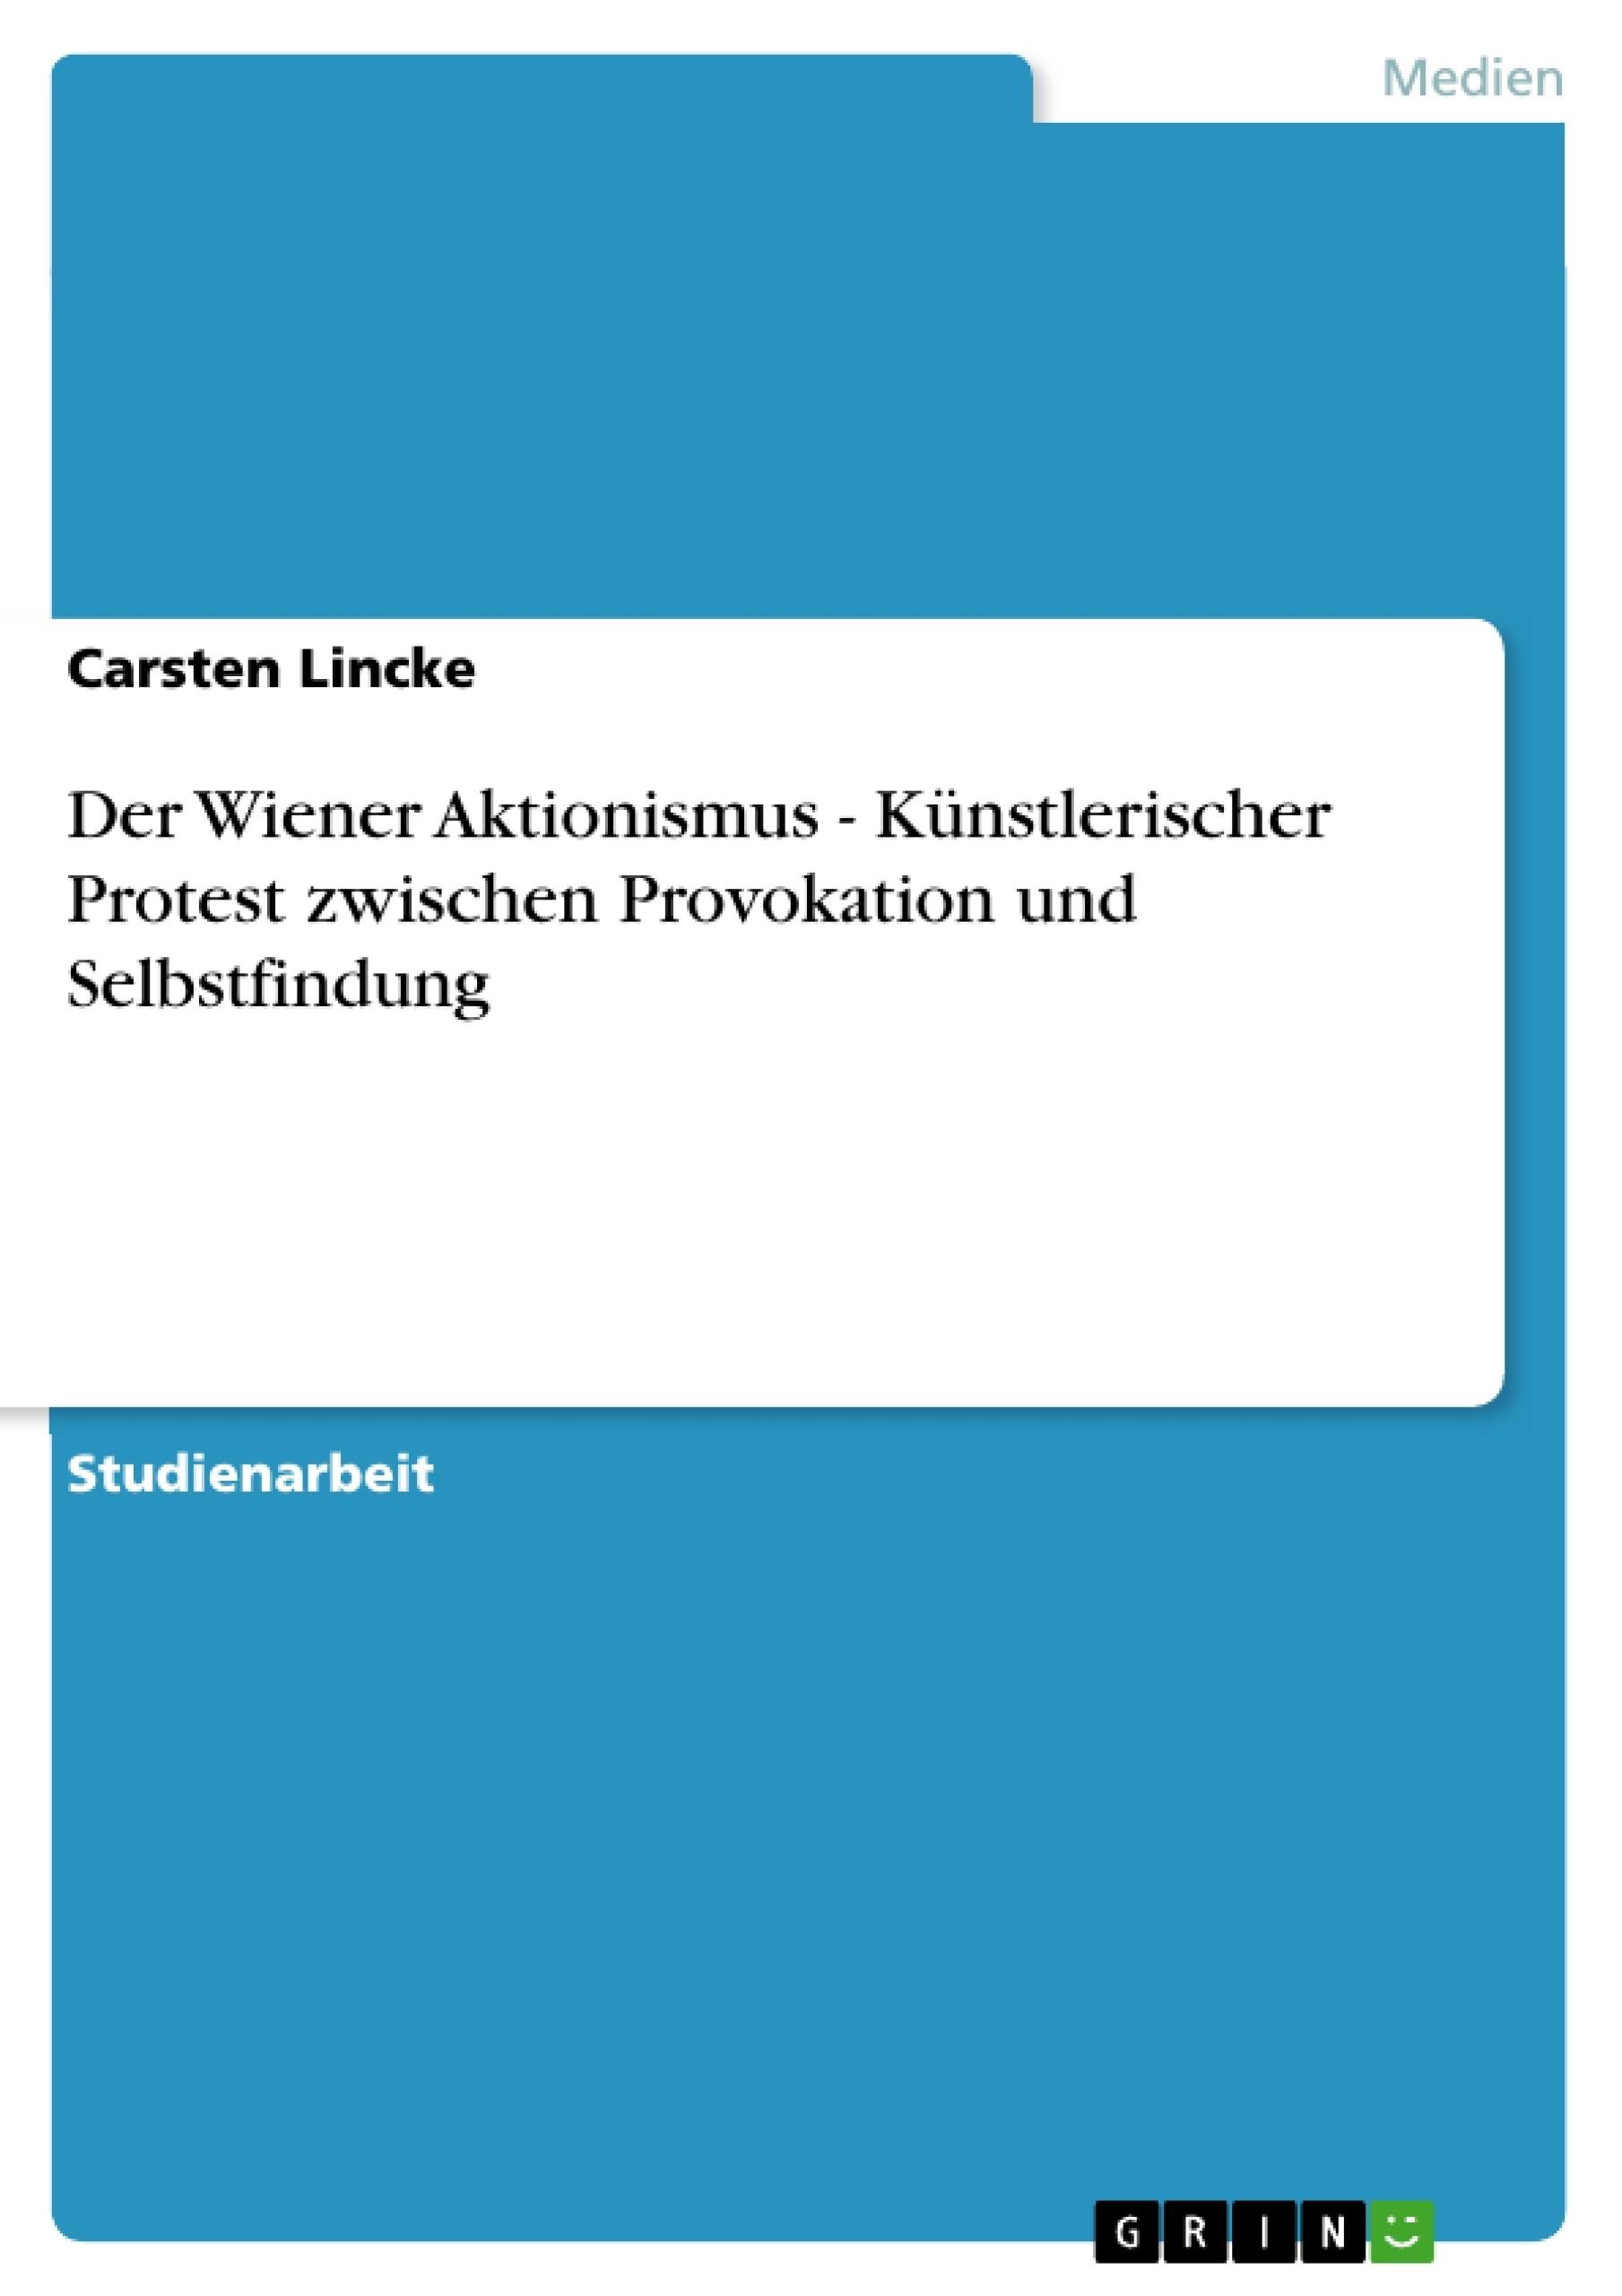 Titel: Der Wiener Aktionismus - Künstlerischer Protest zwischen Provokation und Selbstfindung